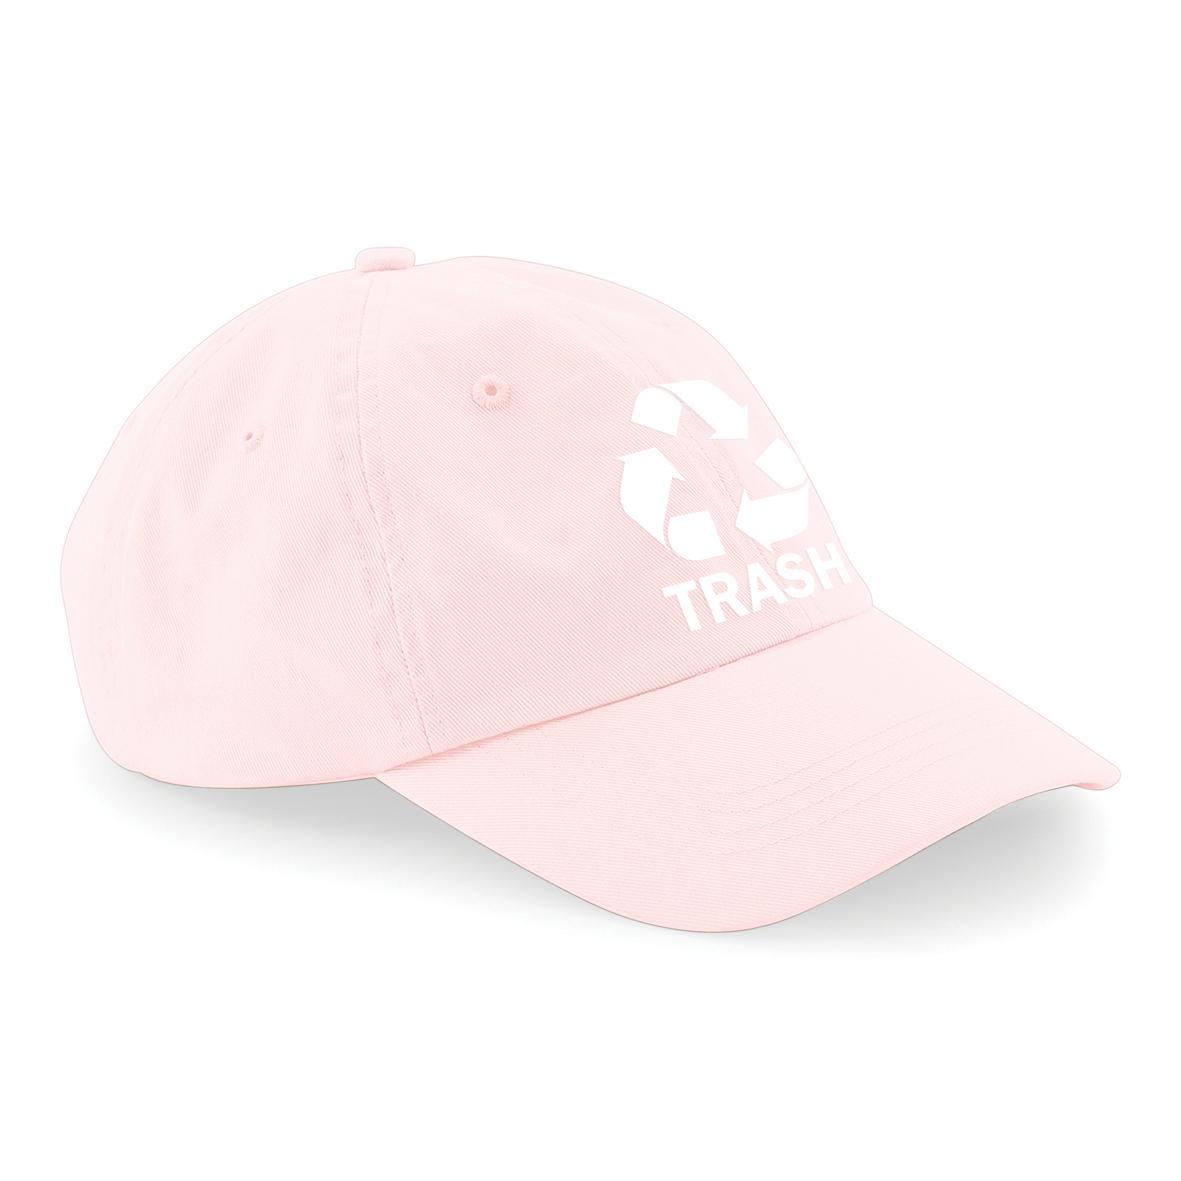 LOGO CAP [WHITE OR PINK] - TRASH